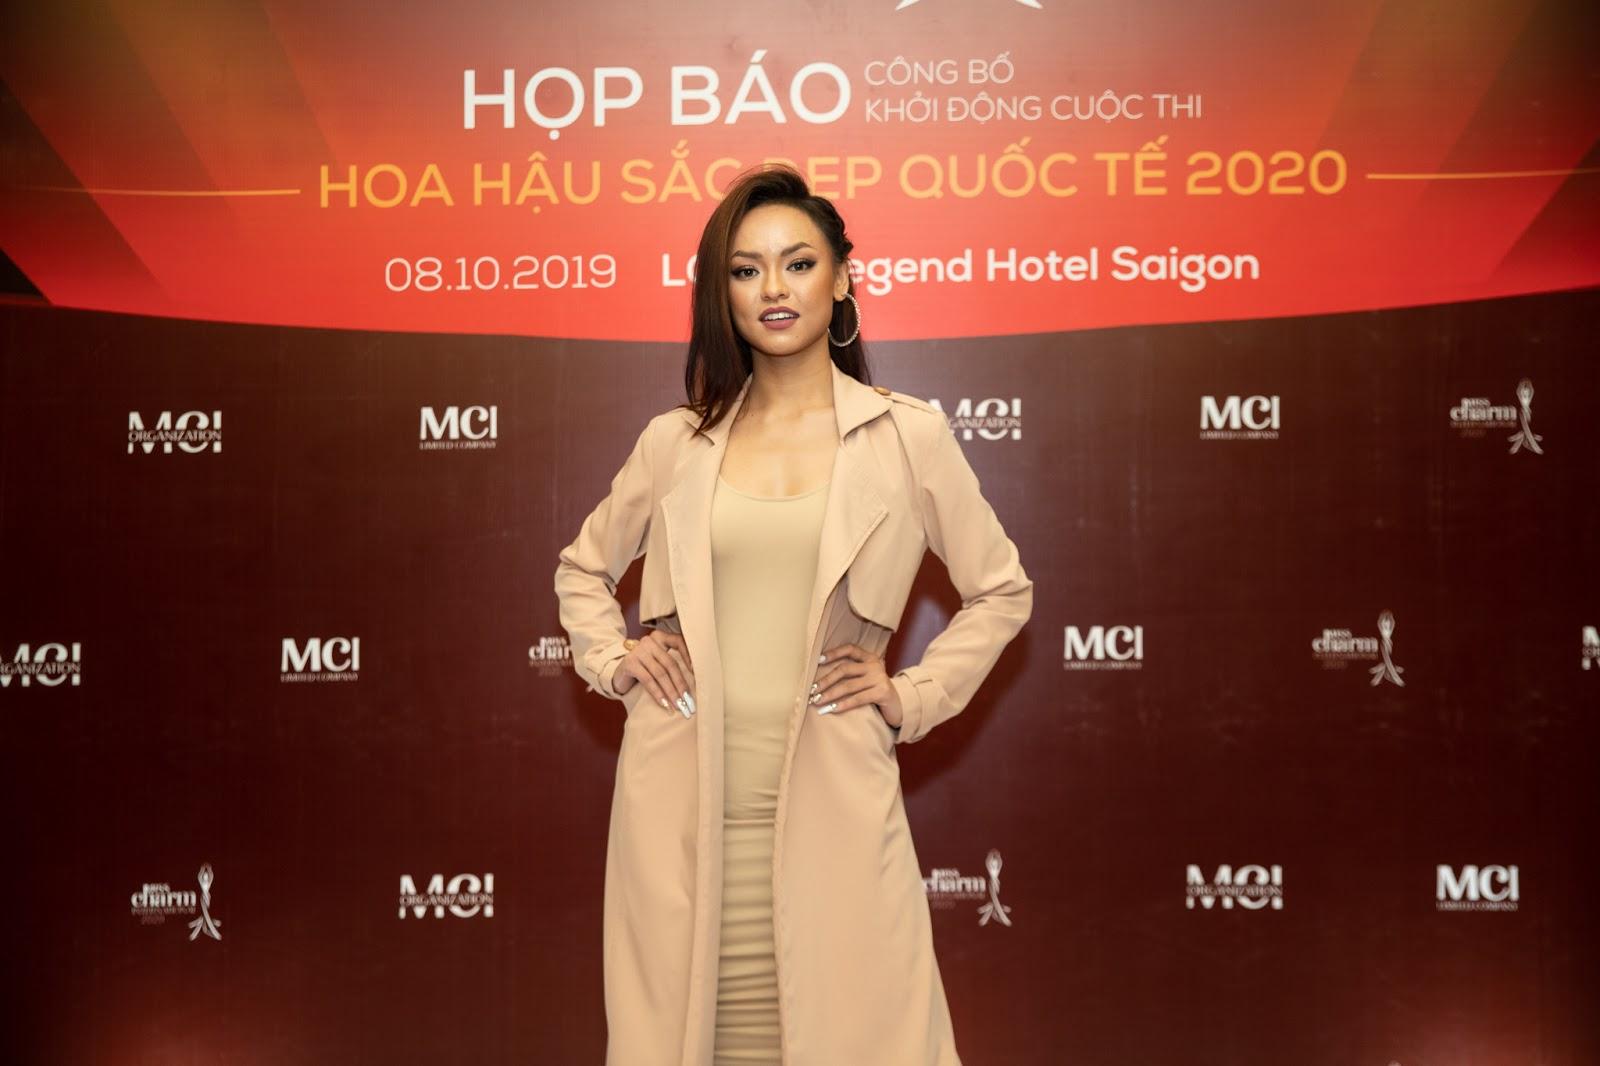 Trưởng BGK Miss Charm International: Mục tiêu 5 năm tới sẽ đưa cuộc thi lọt top 5 các cuộc thi sắc đẹp lớn nhất thế giới - Hình 8